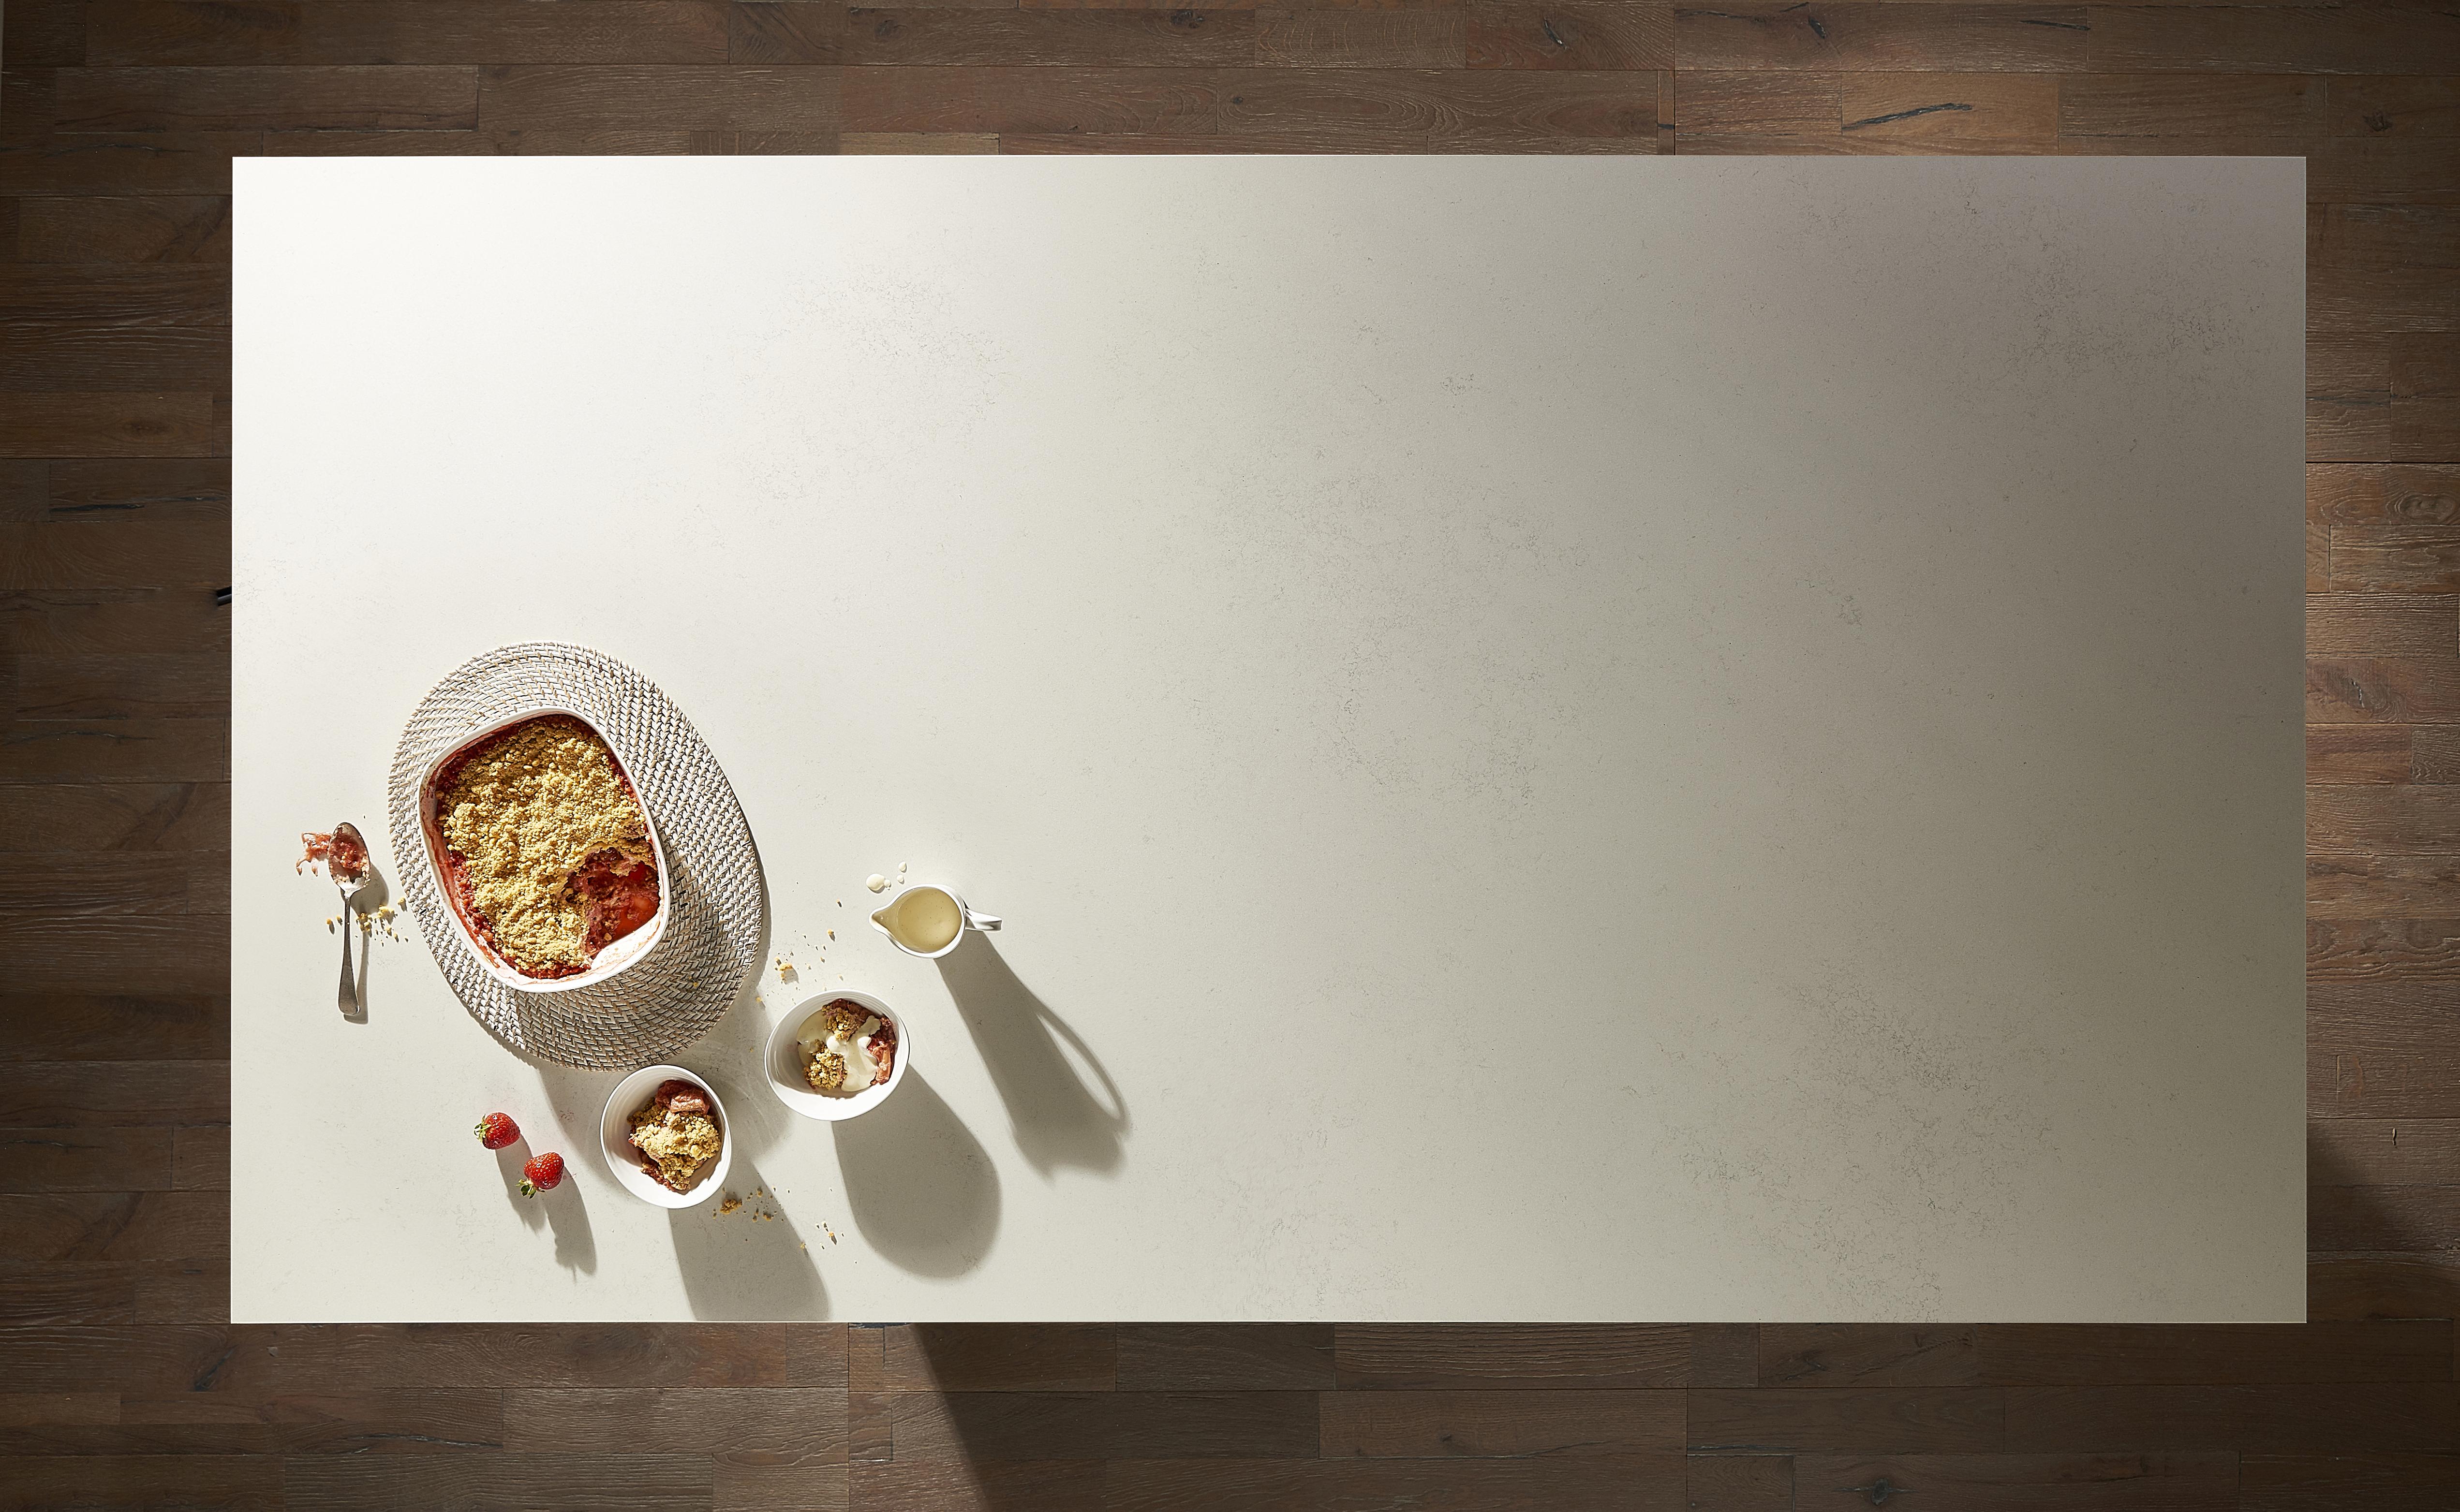 Lighten up your kitchen with Königstone's Concrete Sand